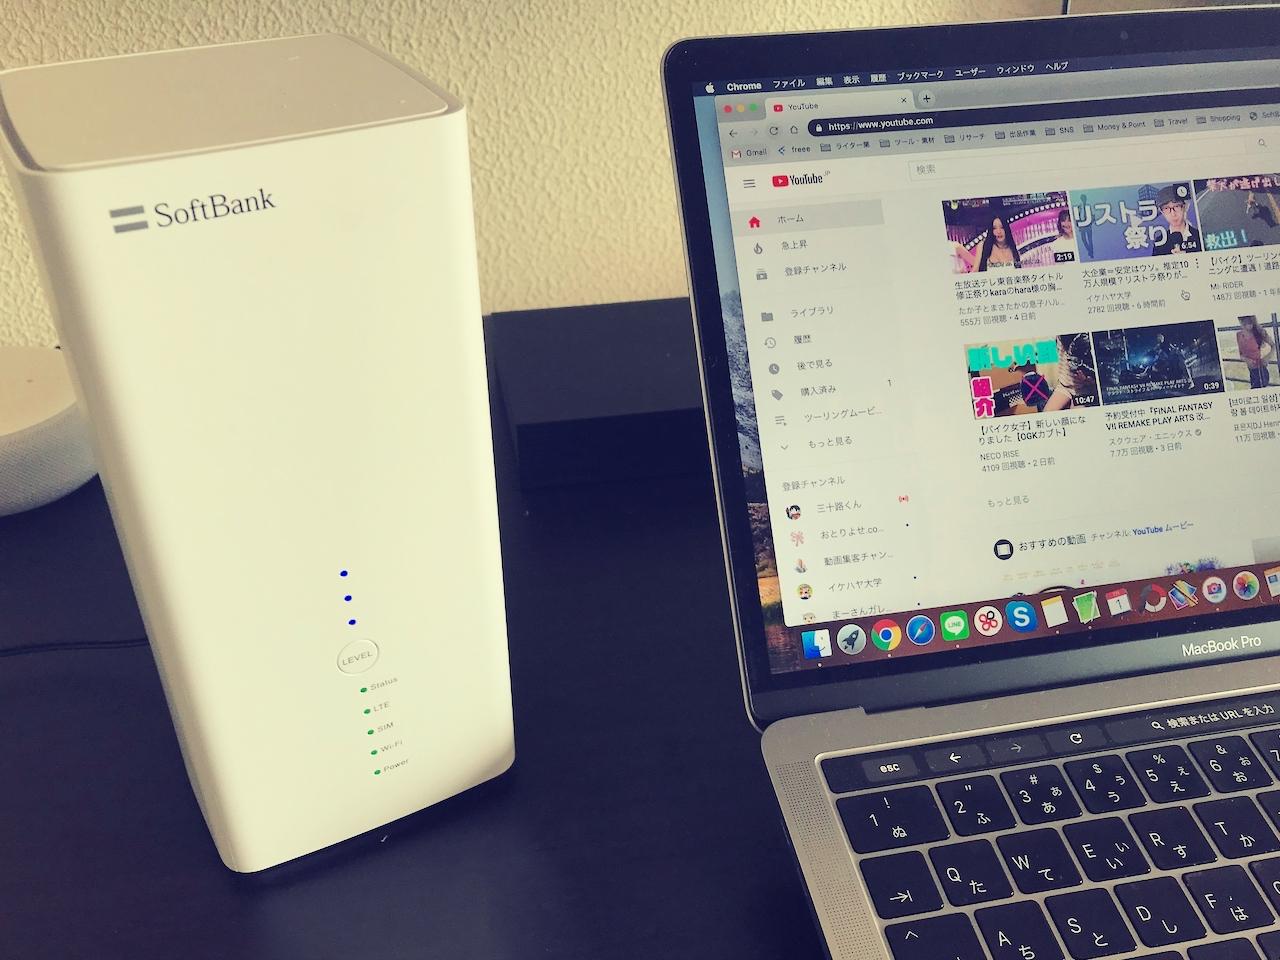 ソフトバンク wifi ルーター